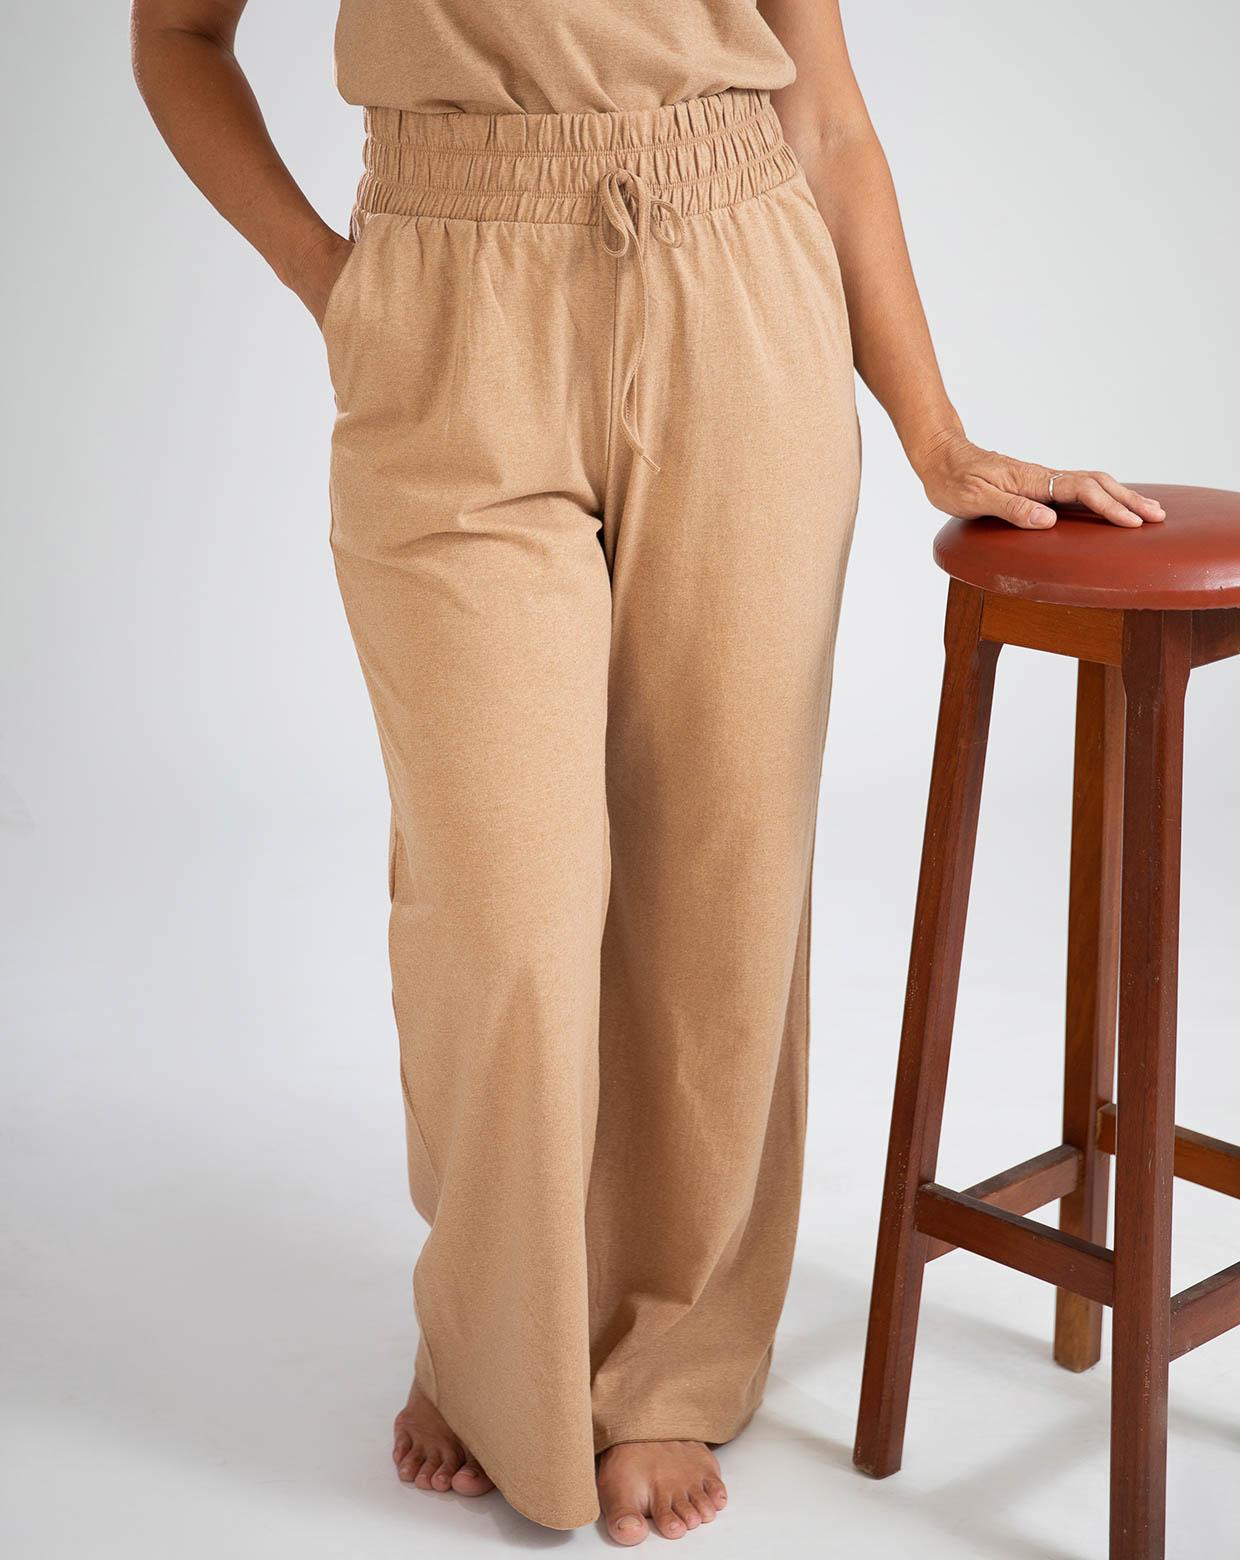 Pantalona Rosa  Marrom - Algodão Orgânico Colorido Natural